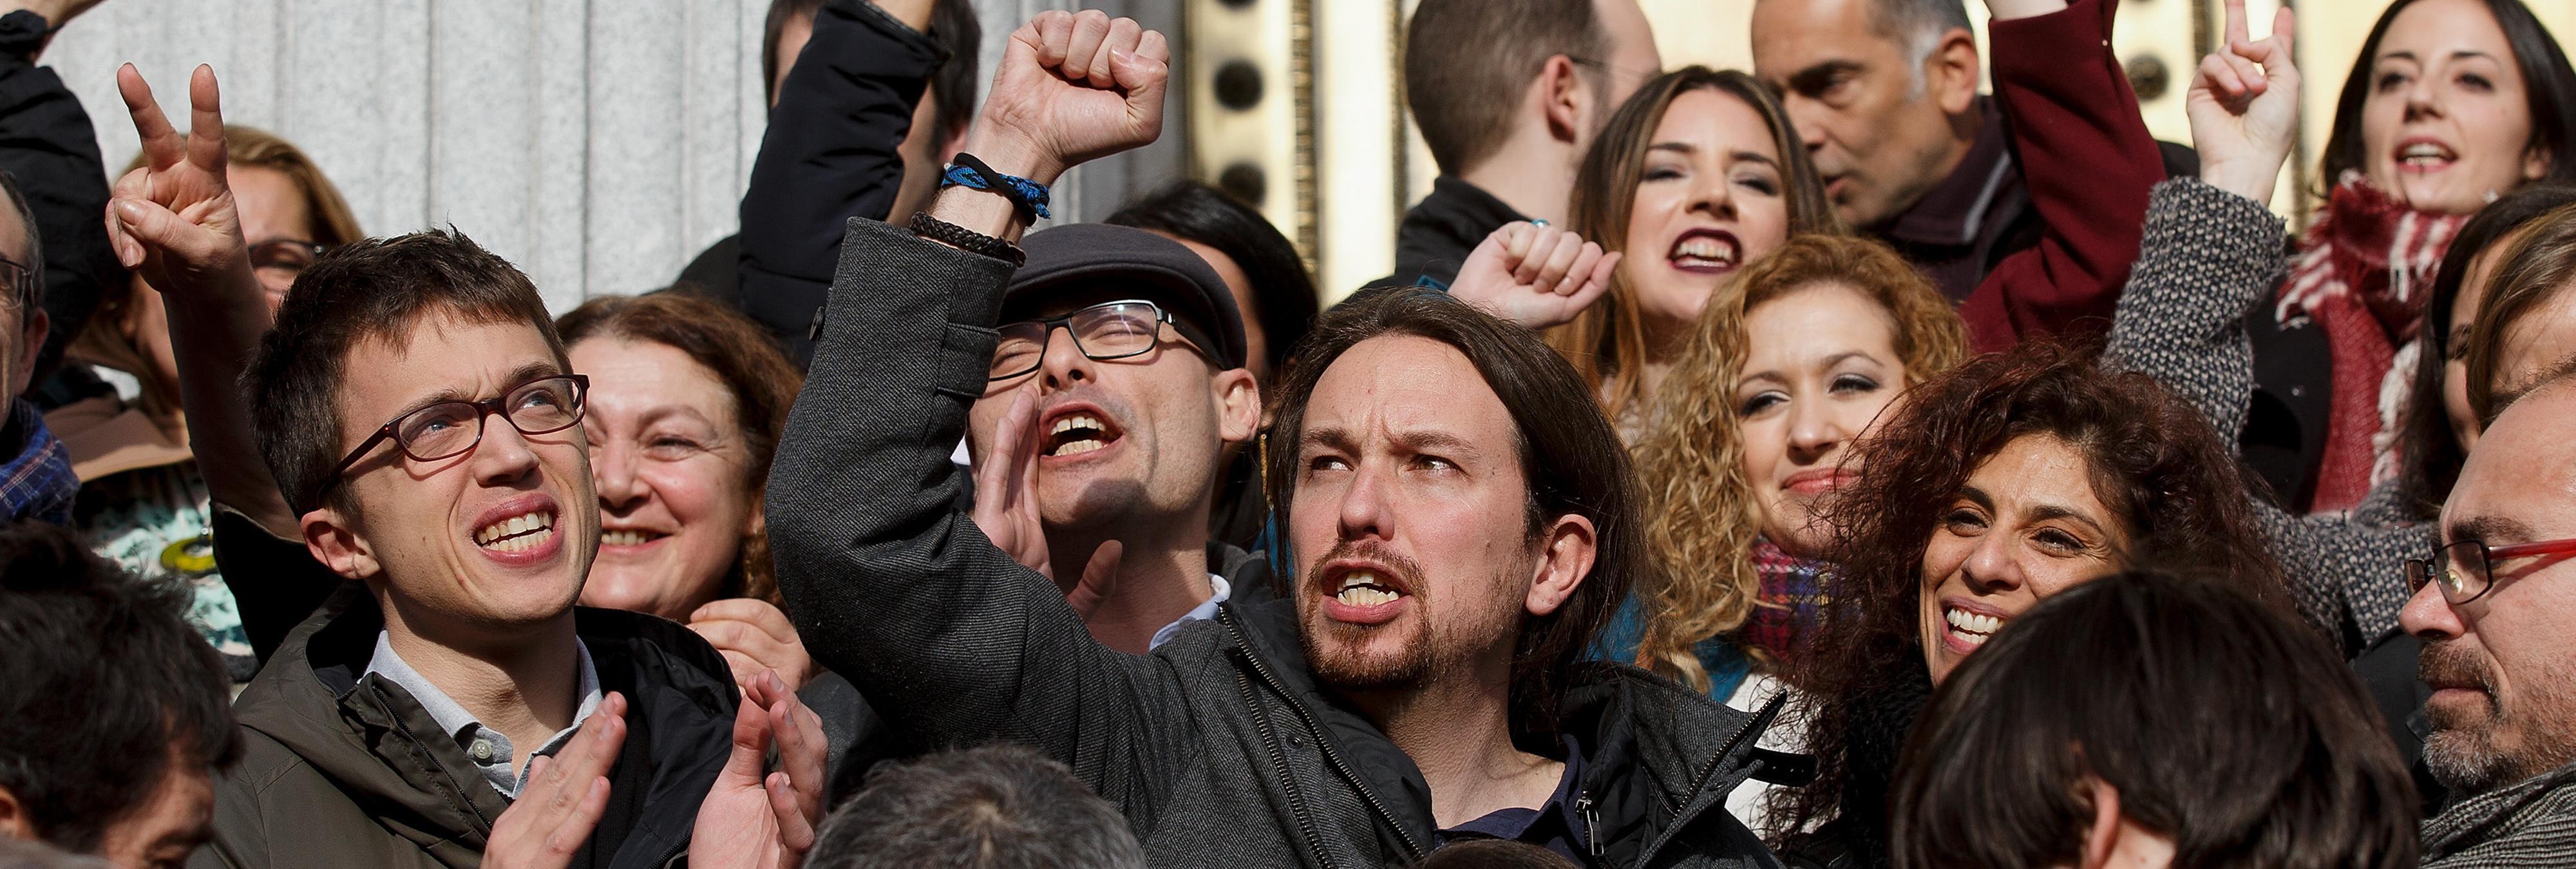 Venezuela, Irán, ETA: la relación de Podemos con 'los agentes del mal'